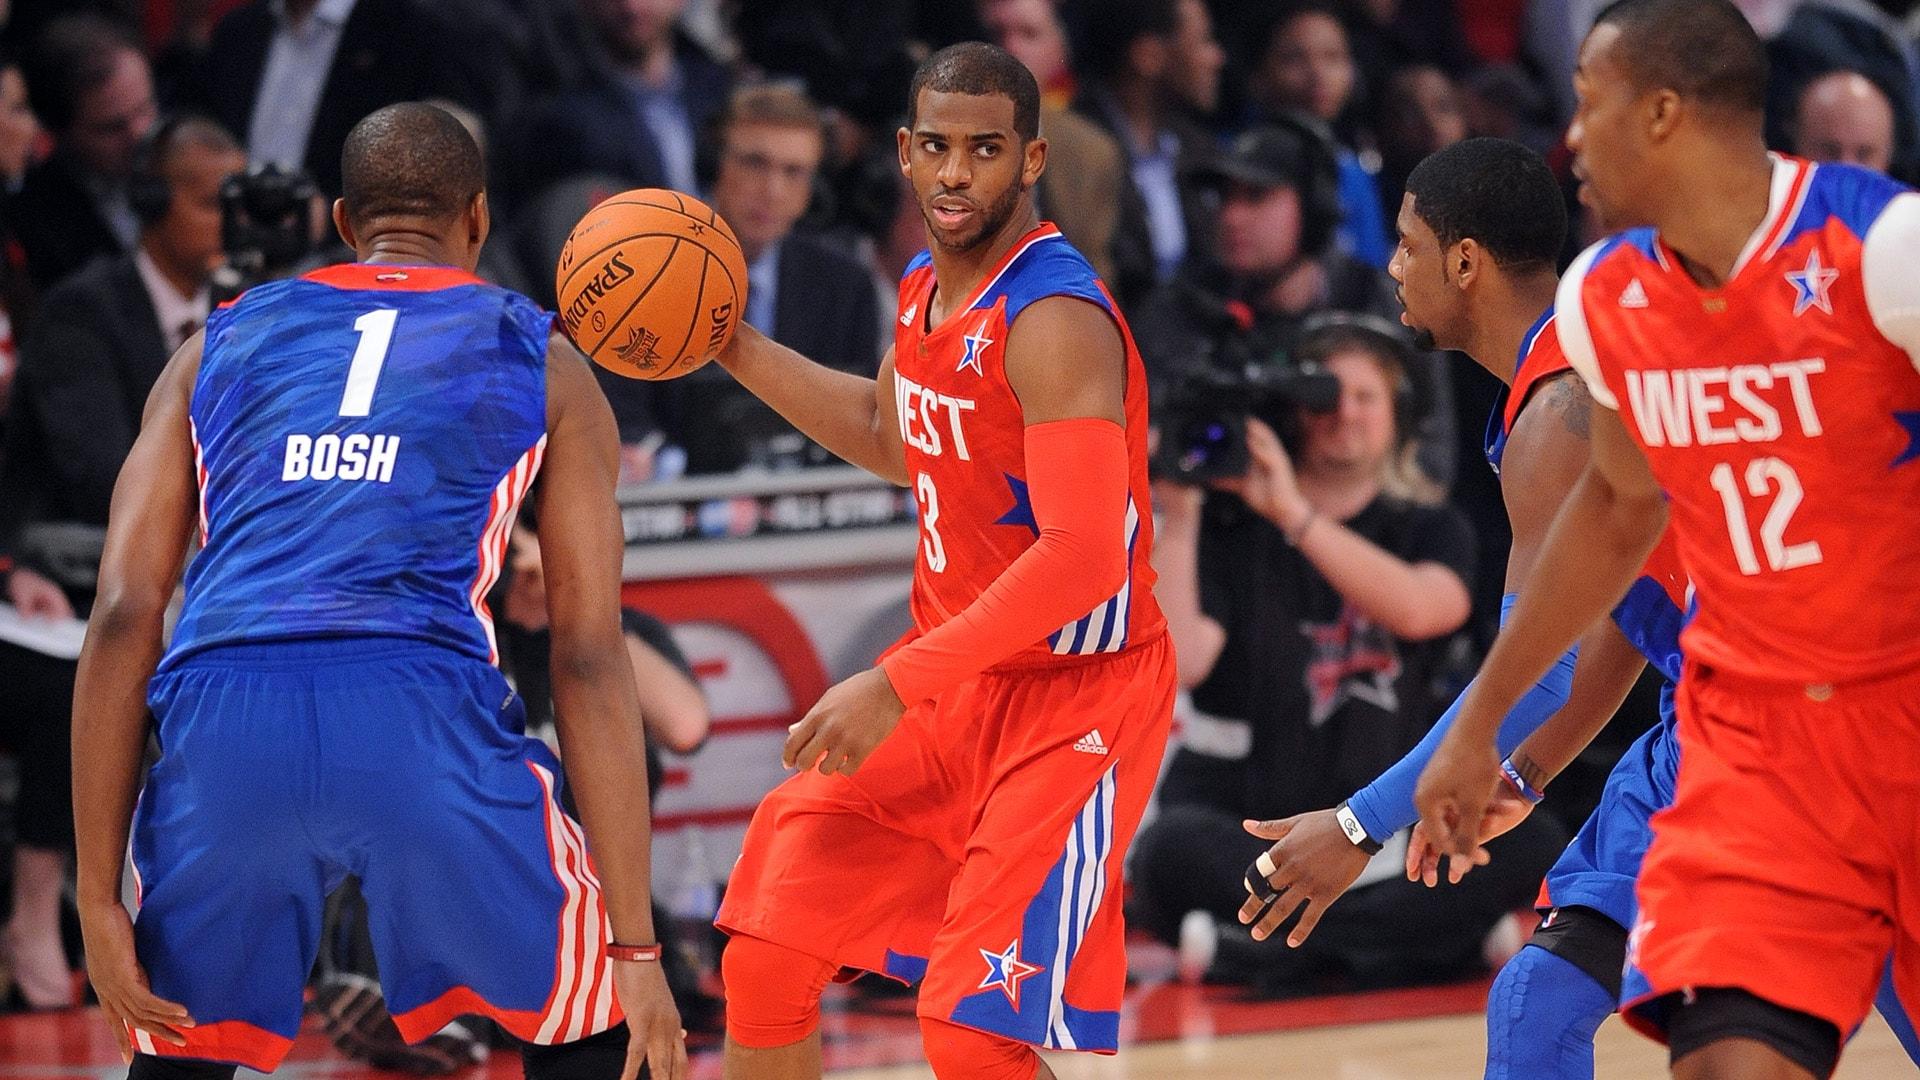 2013 NBA All-Star recap